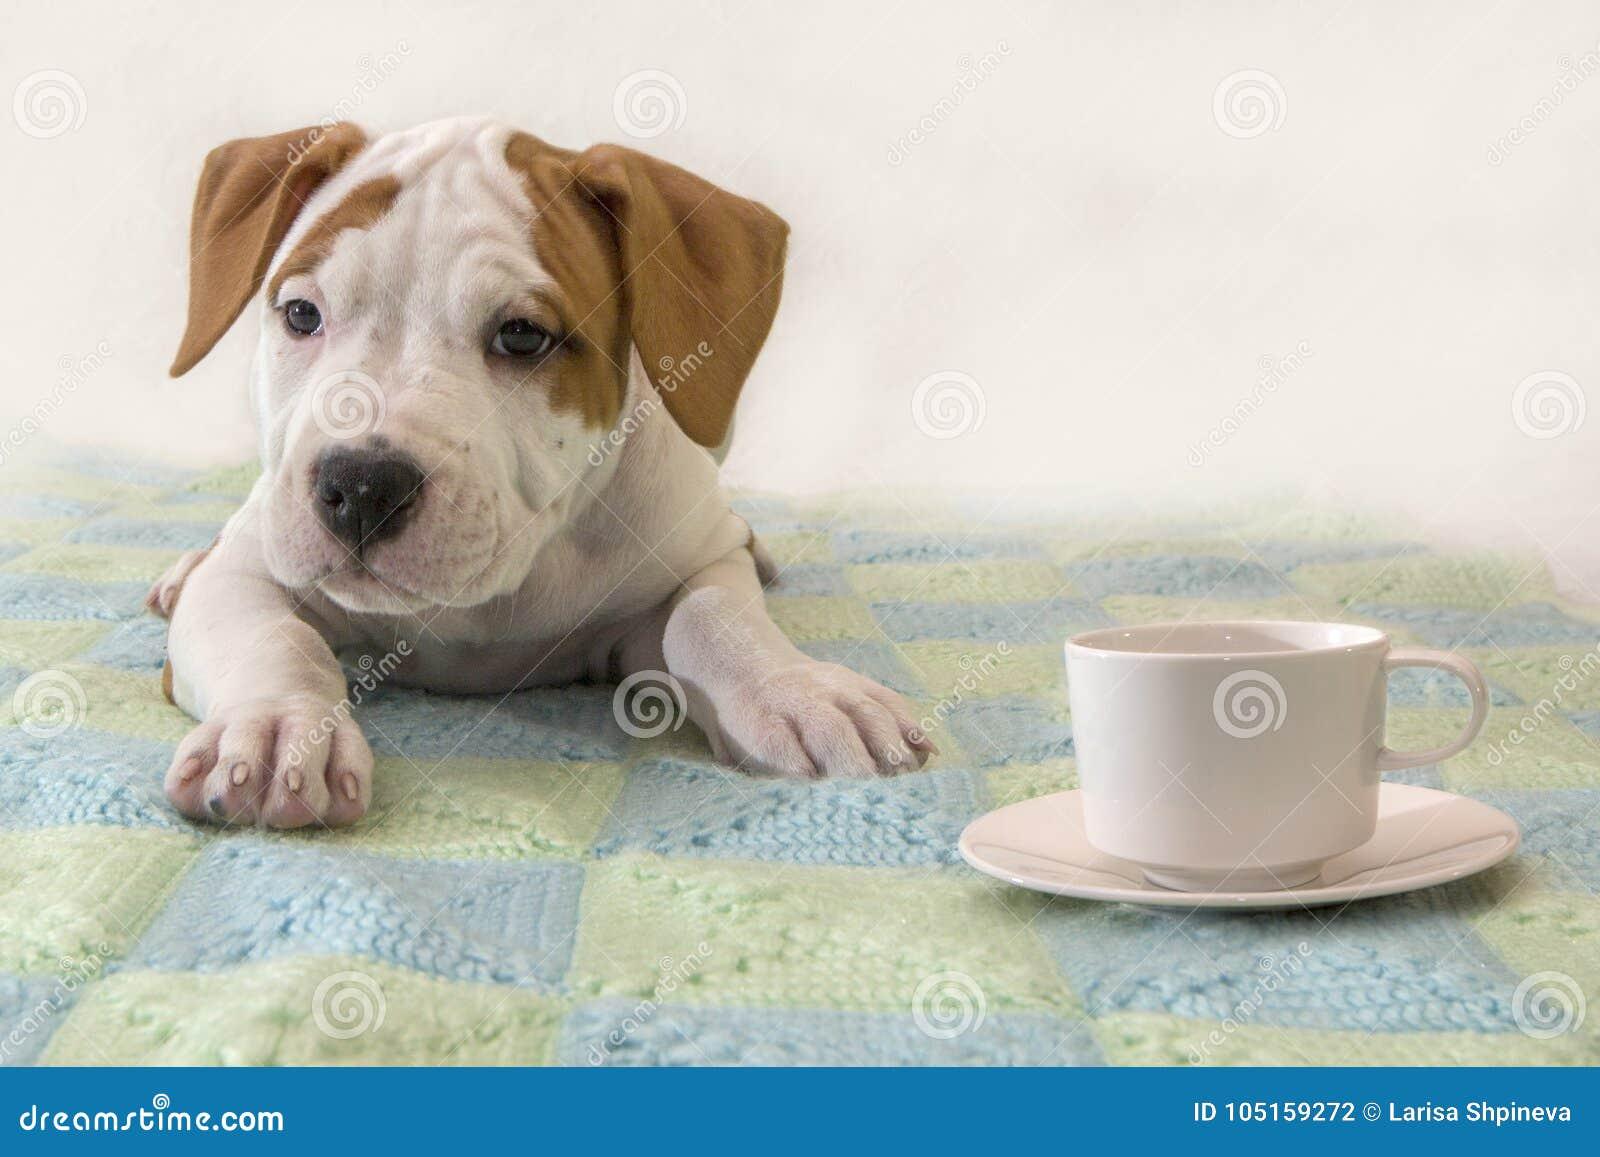 Netter Welpe American Staffordshire Terrier mit einem Tasse Kaffee/Tee lokalisiert auf weißem Hintergrund